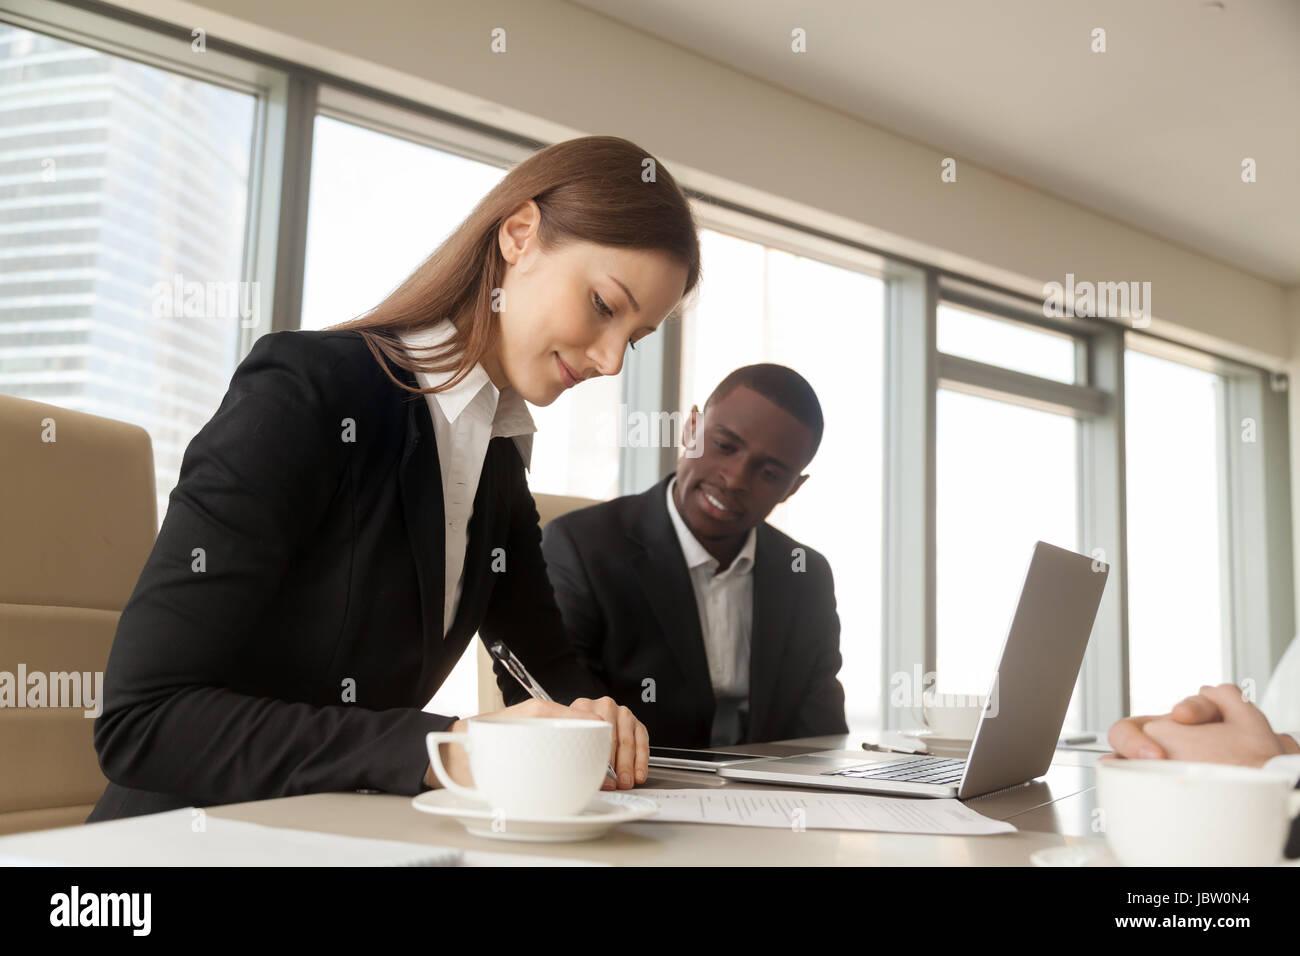 Il successo del lavoro femminile richiedente firma contratto di lavoro, contratto di lavoro dopo il colloquio, imprenditrice Immagini Stock